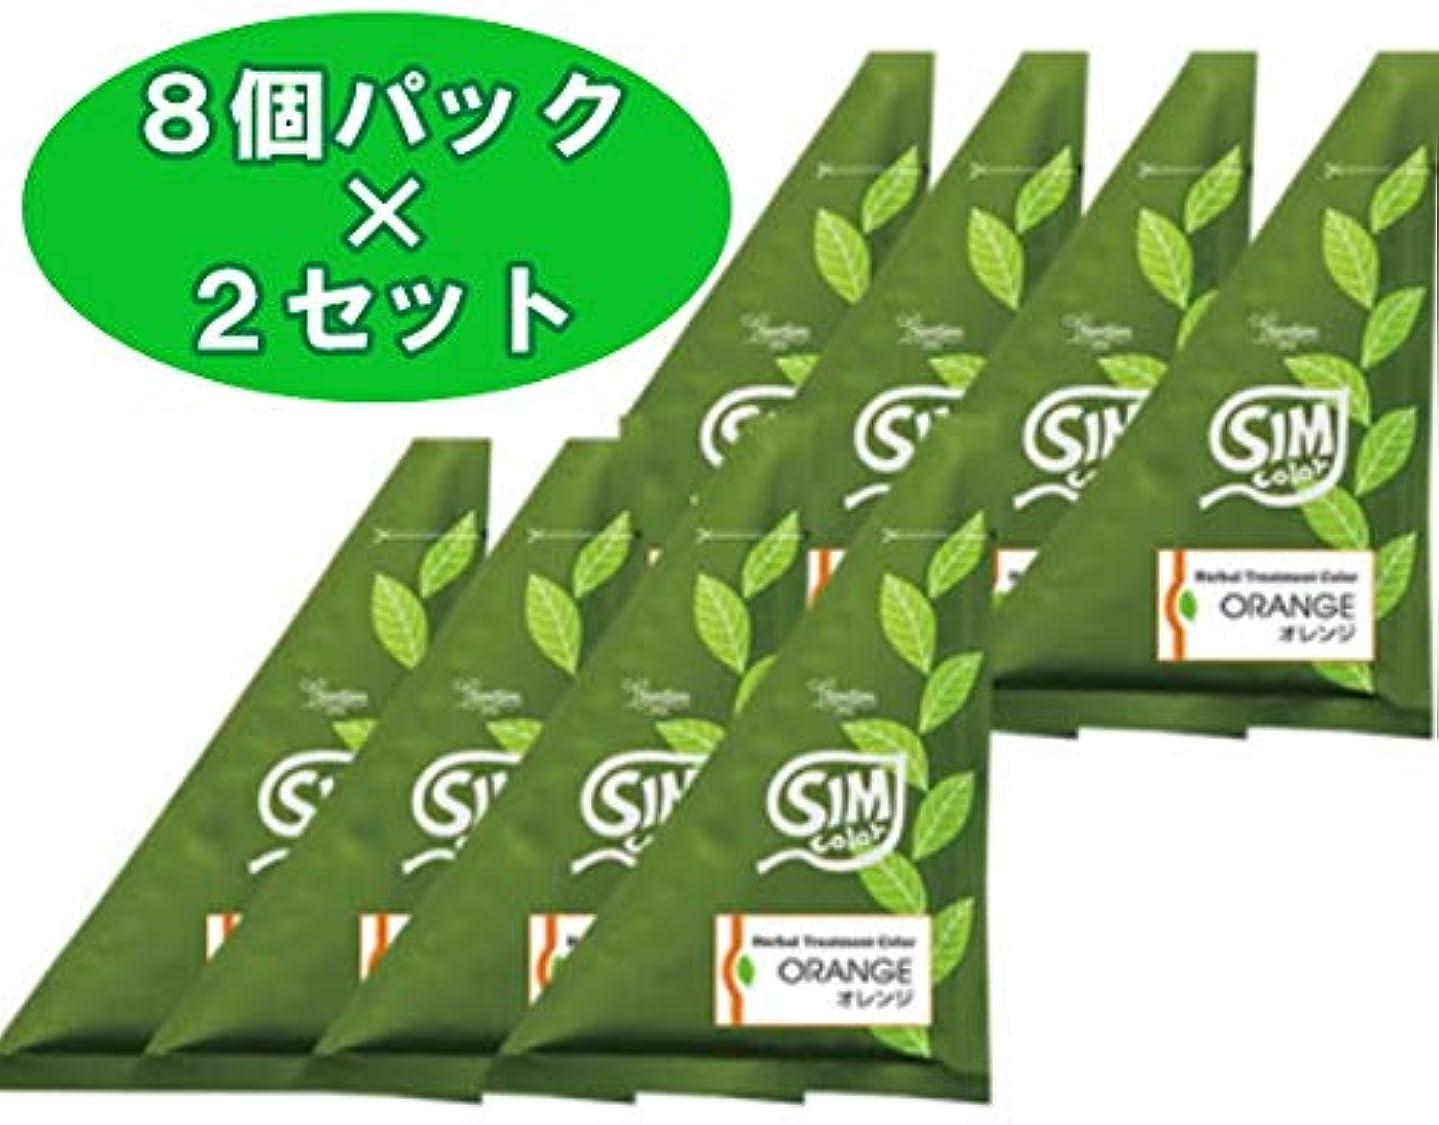 ボランティア文庫本役に立つ【 2セット 】SimSim(シムシム)お手軽簡単シムカラーエクストラ(EX)25g 8袋X2セット (ブラウン)